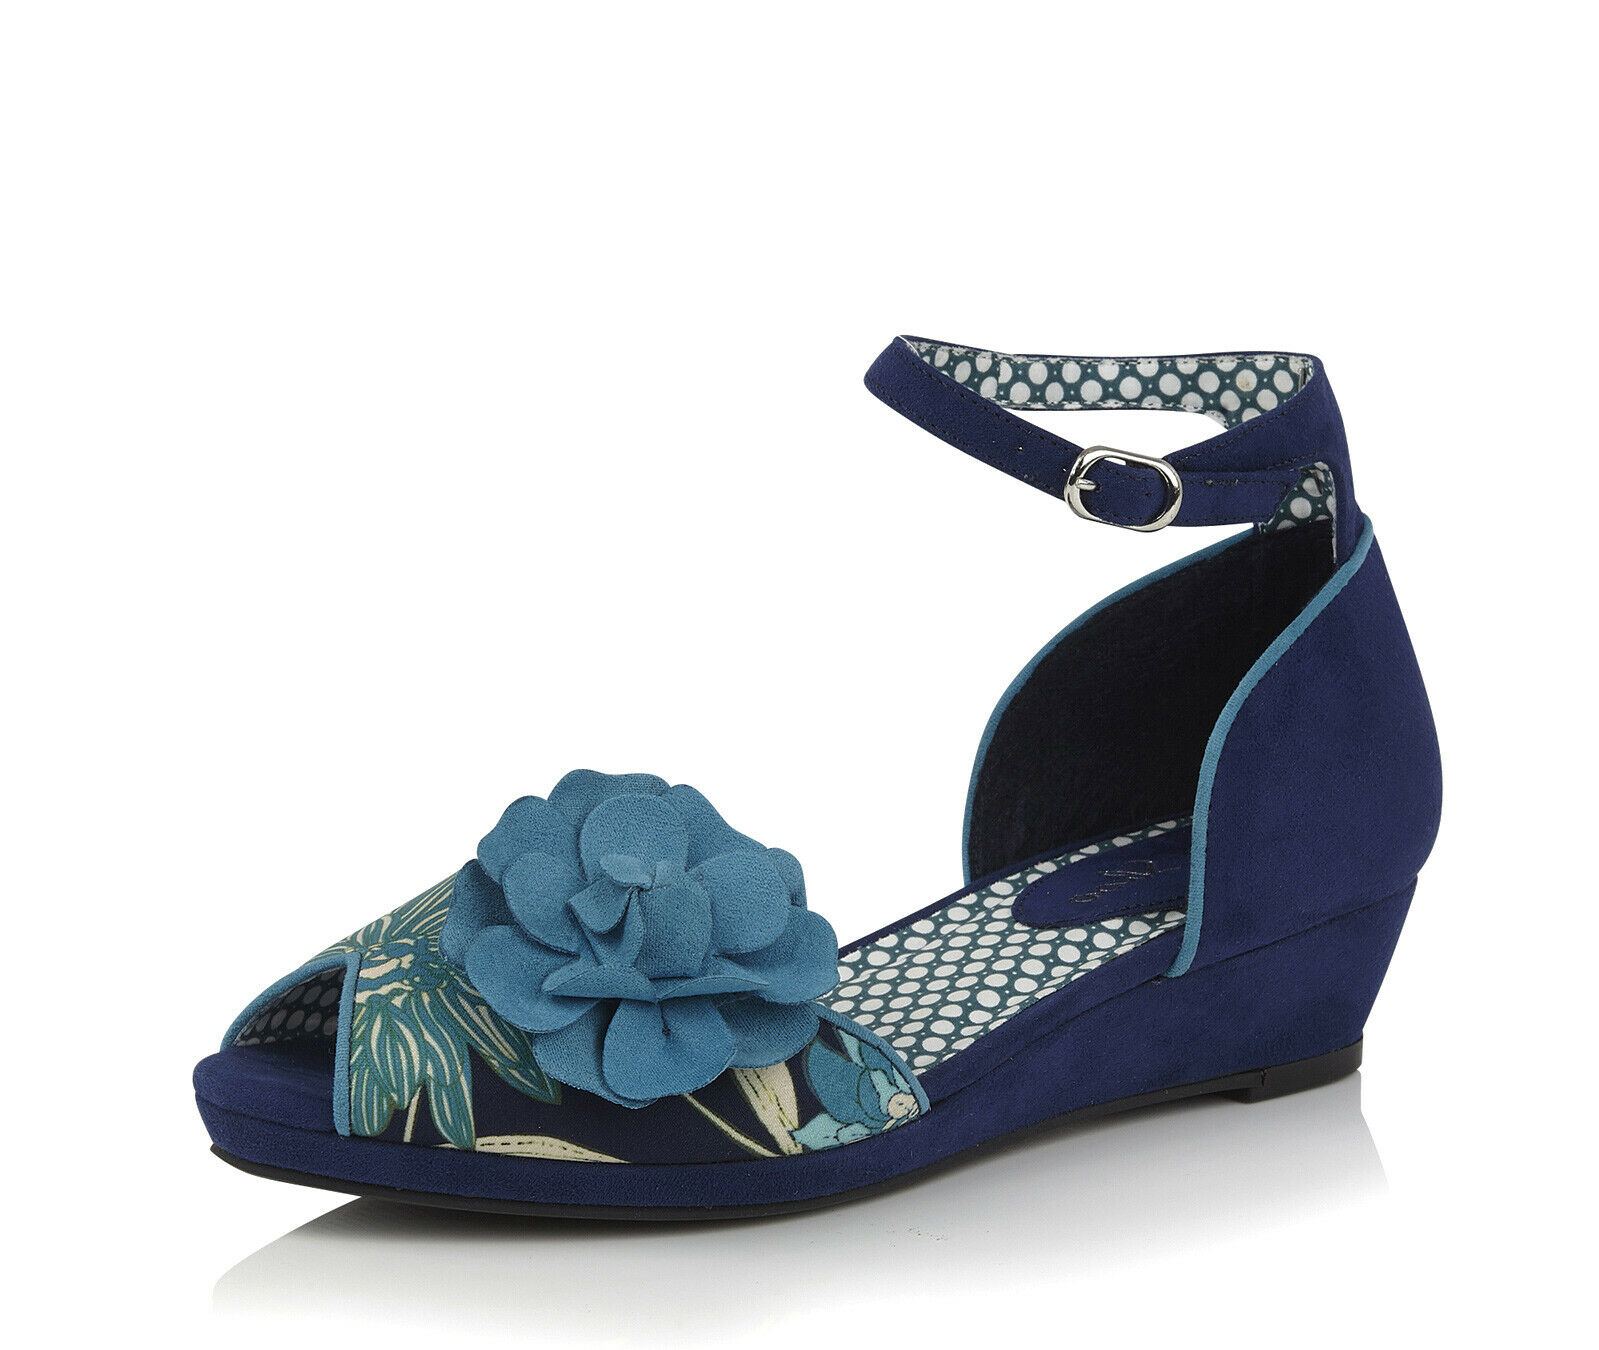 Ruby Shoo NEW Phyllis royal Blau floral low heel cork wedge peep toe schuhe 3-8